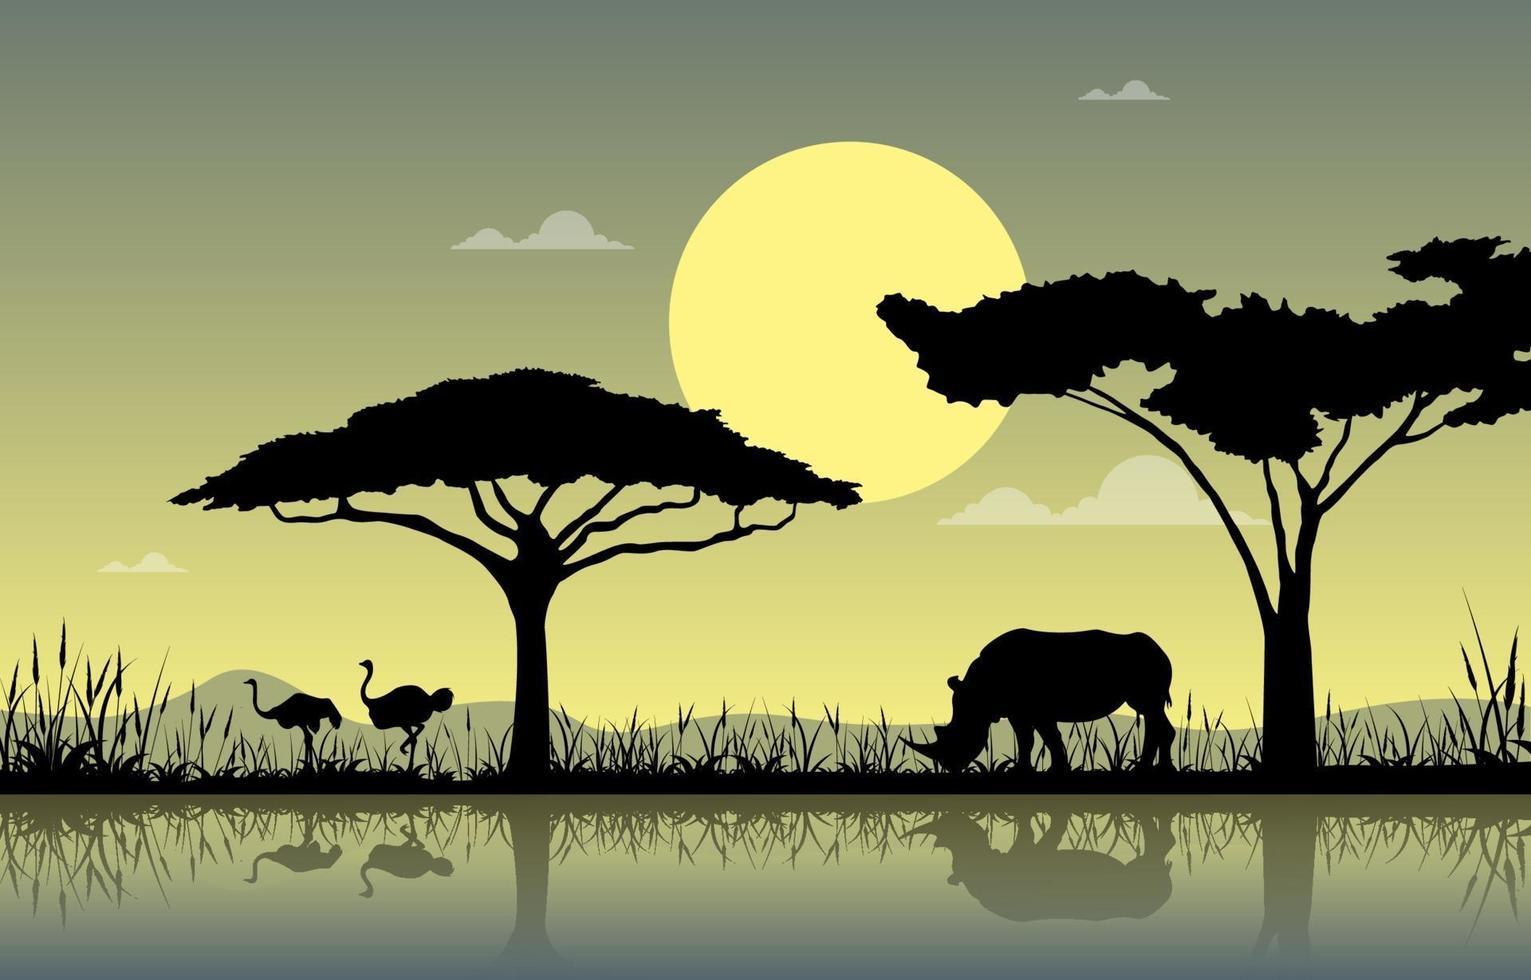 autruches et rhinocéros à l'oasis dans l'illustration de paysage de savane africaine vecteur